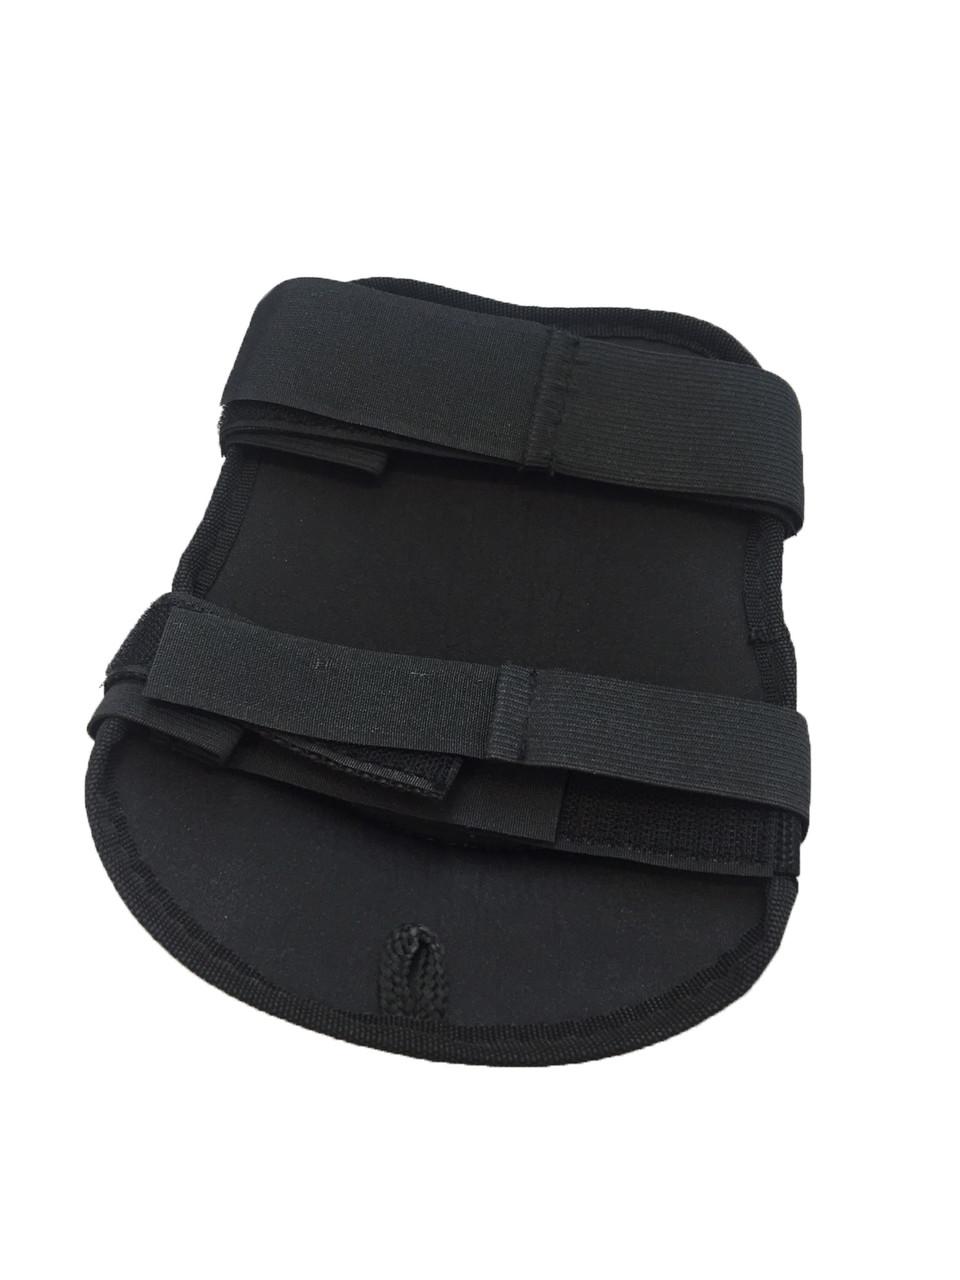 TM-199 Защита для суставов (наколенники) - CARIGHT Kneepad